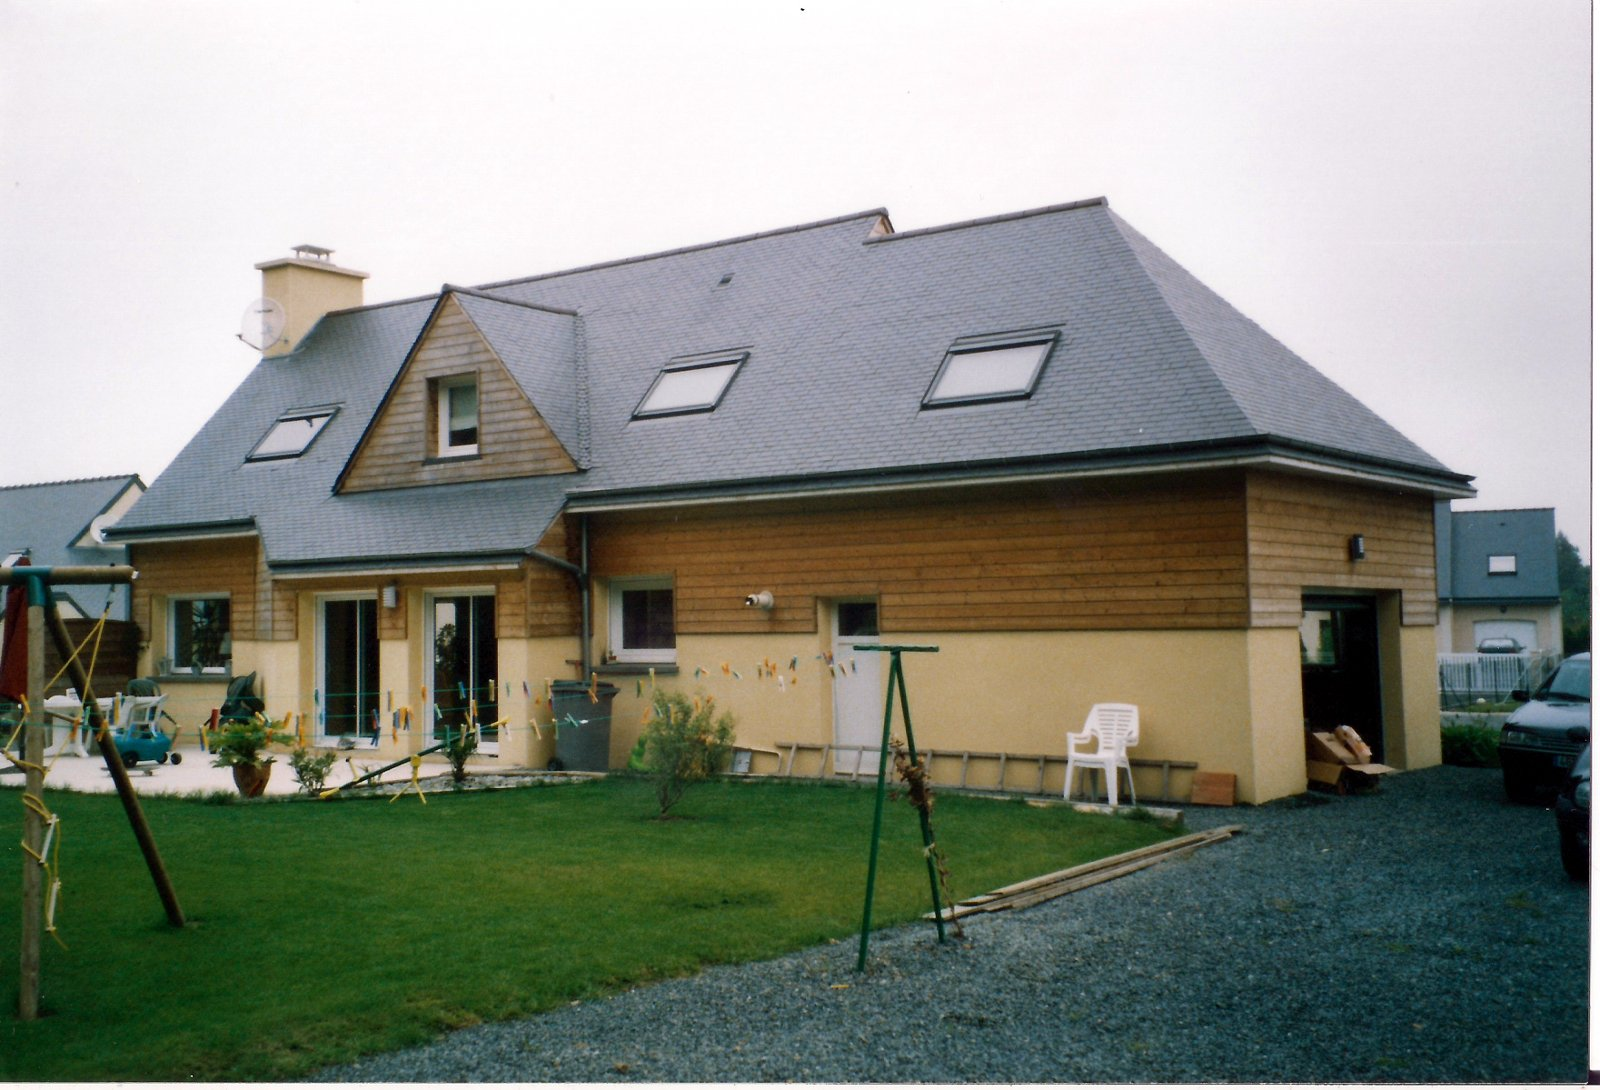 exemples de maisons neuves lml entreprise de